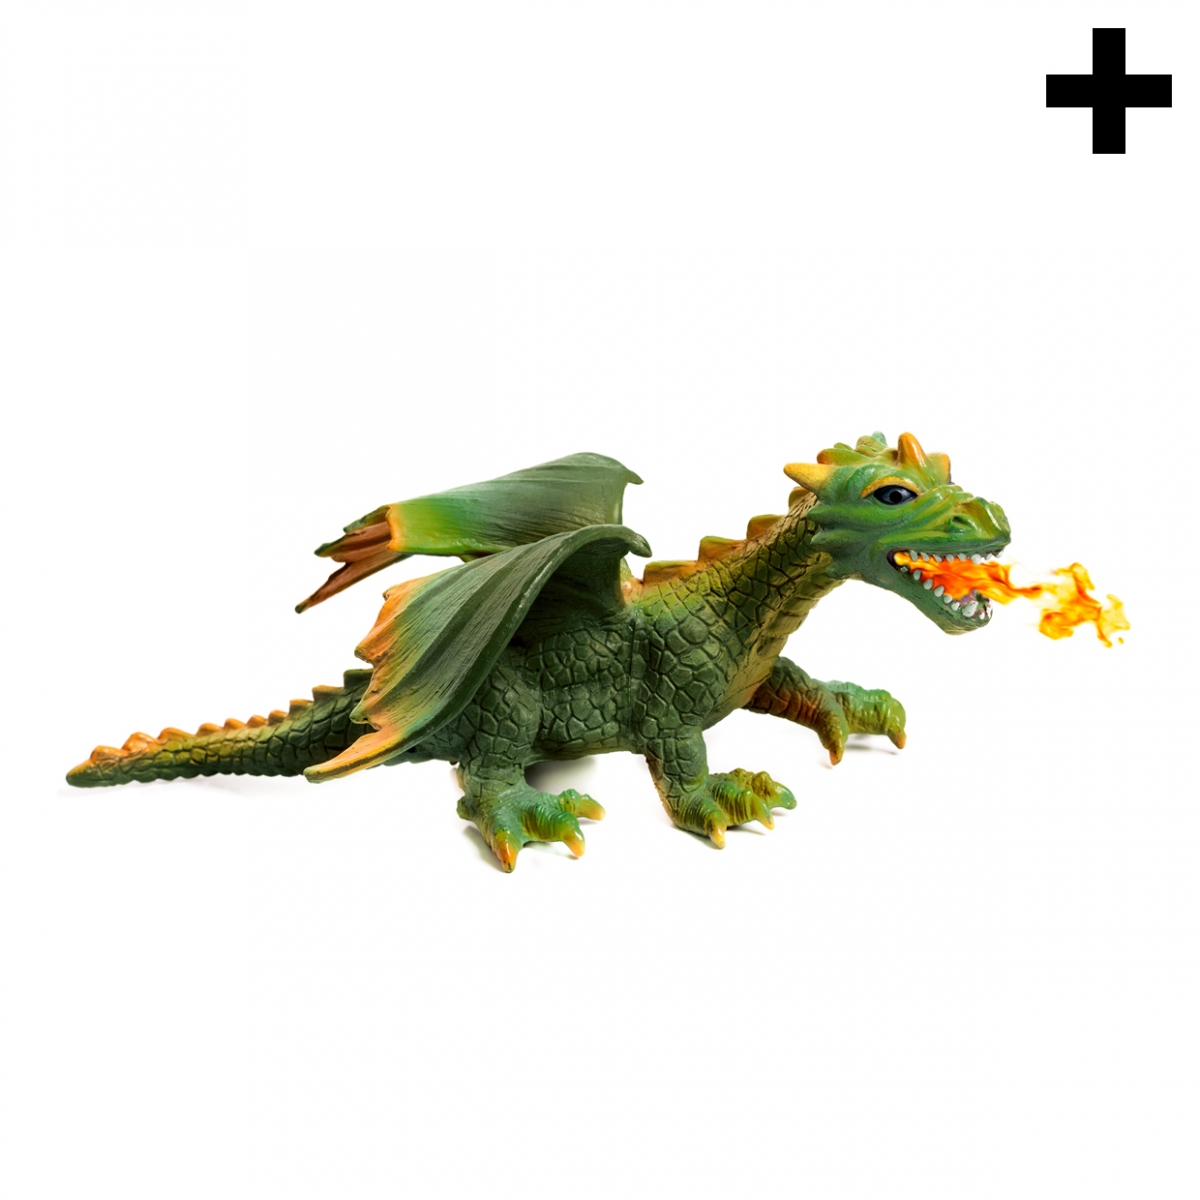 Imagen en la que se ve el plural del concepto dragón